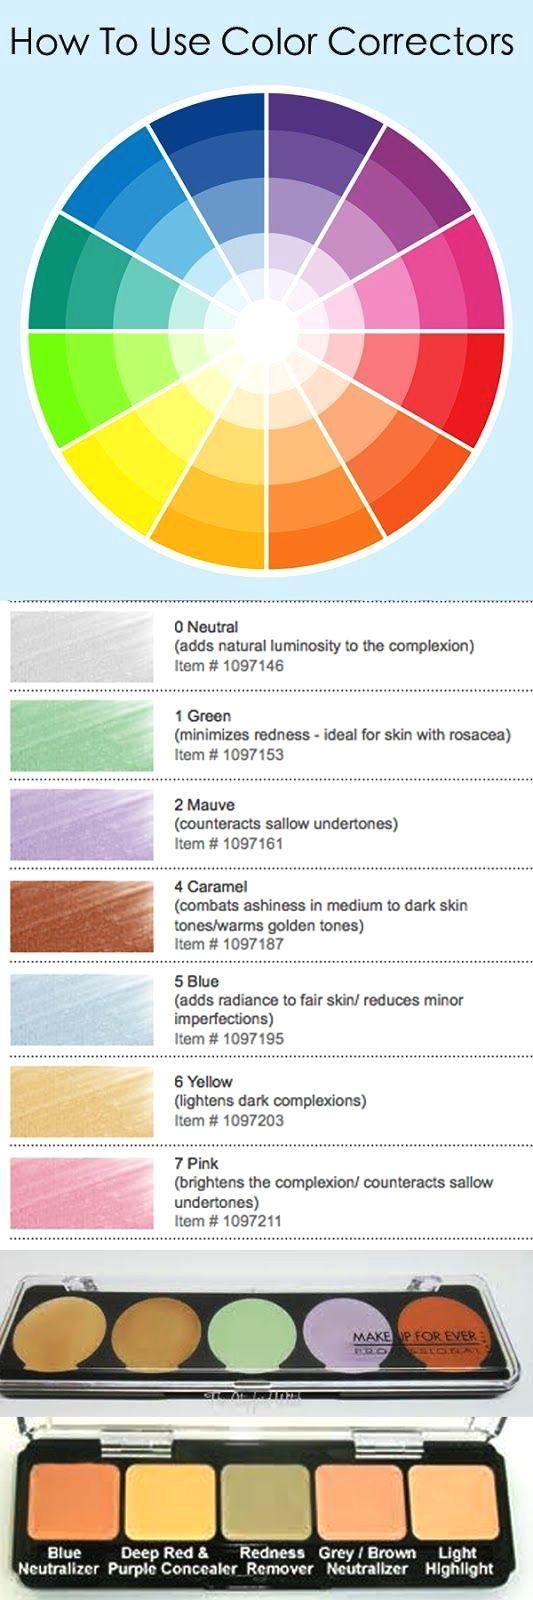 Makeup 101: Color Theory & Makeup artistry